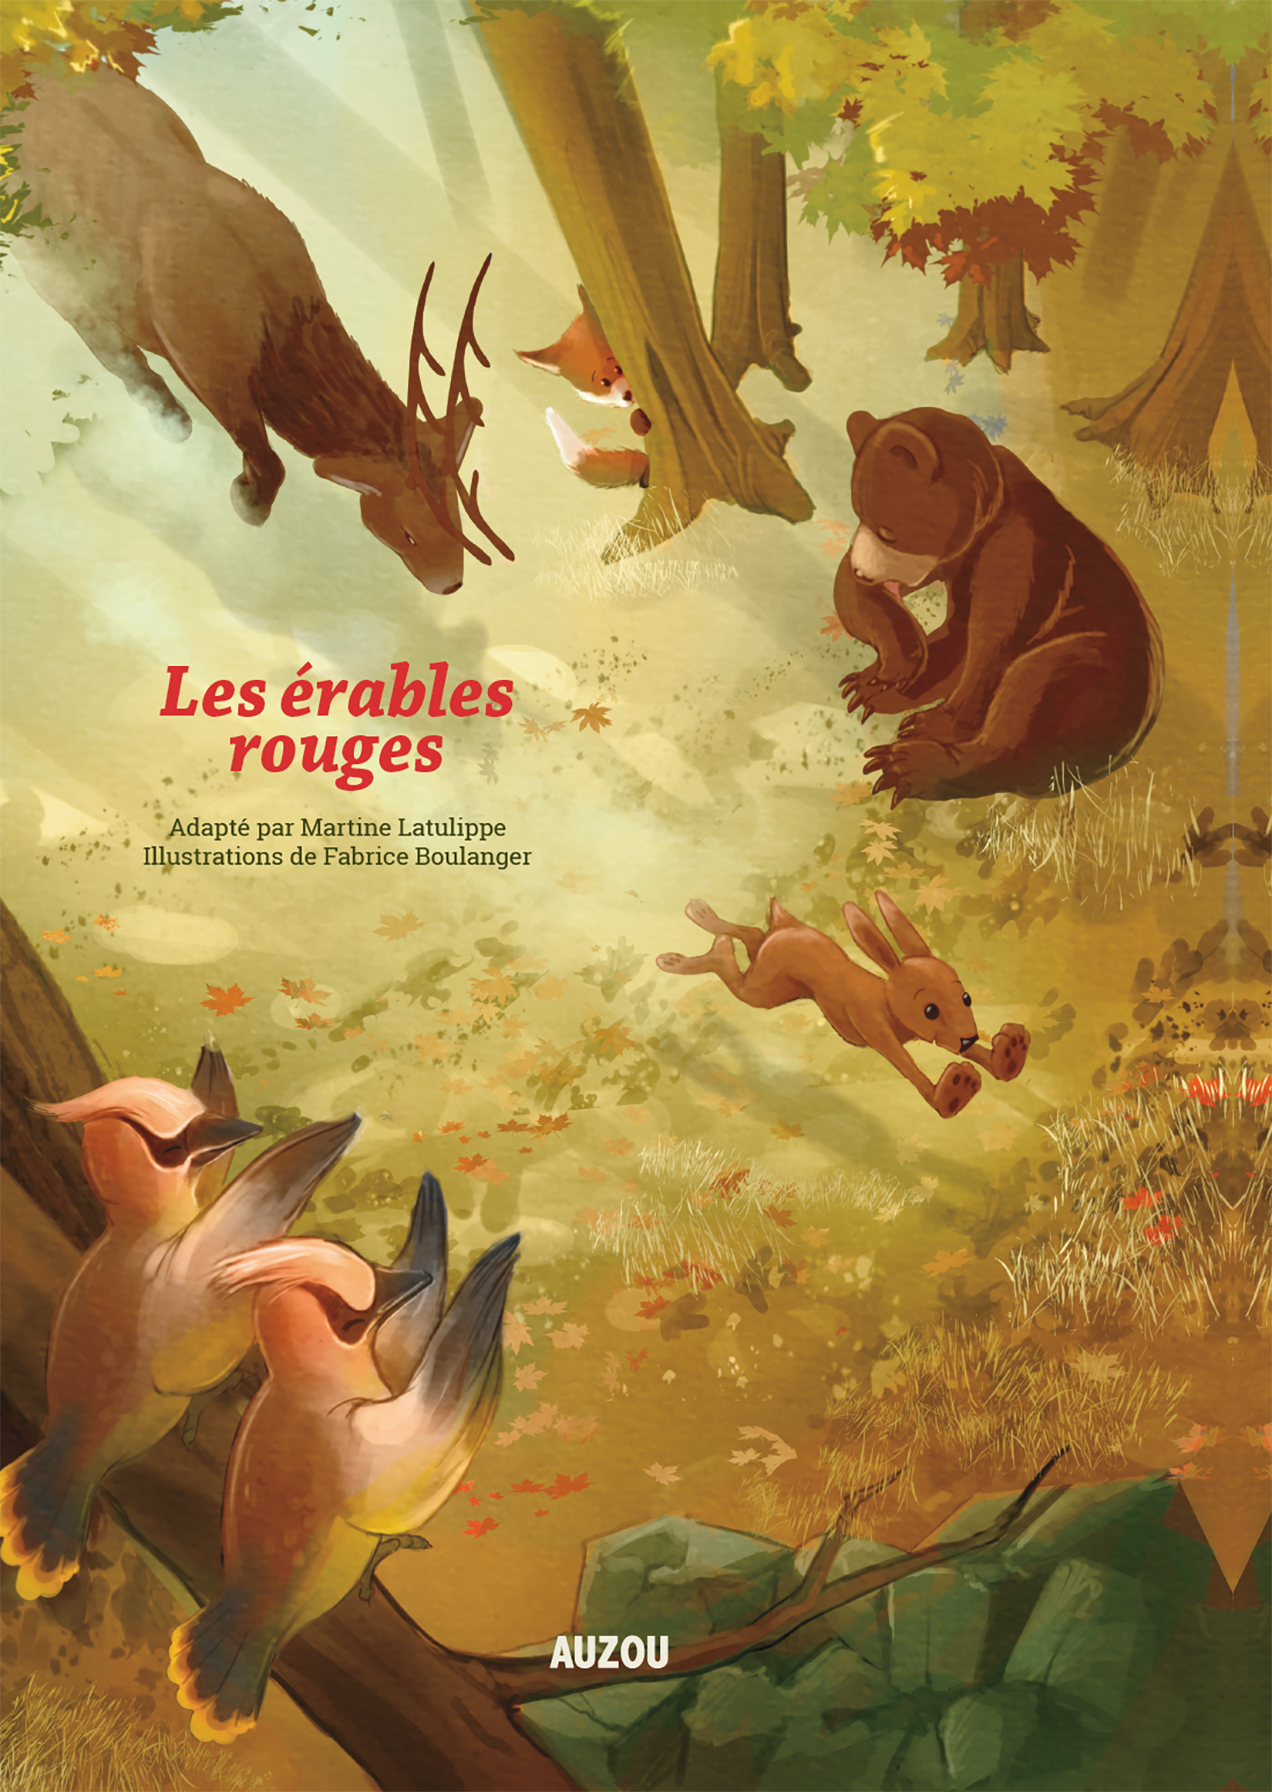 Les érables rouges